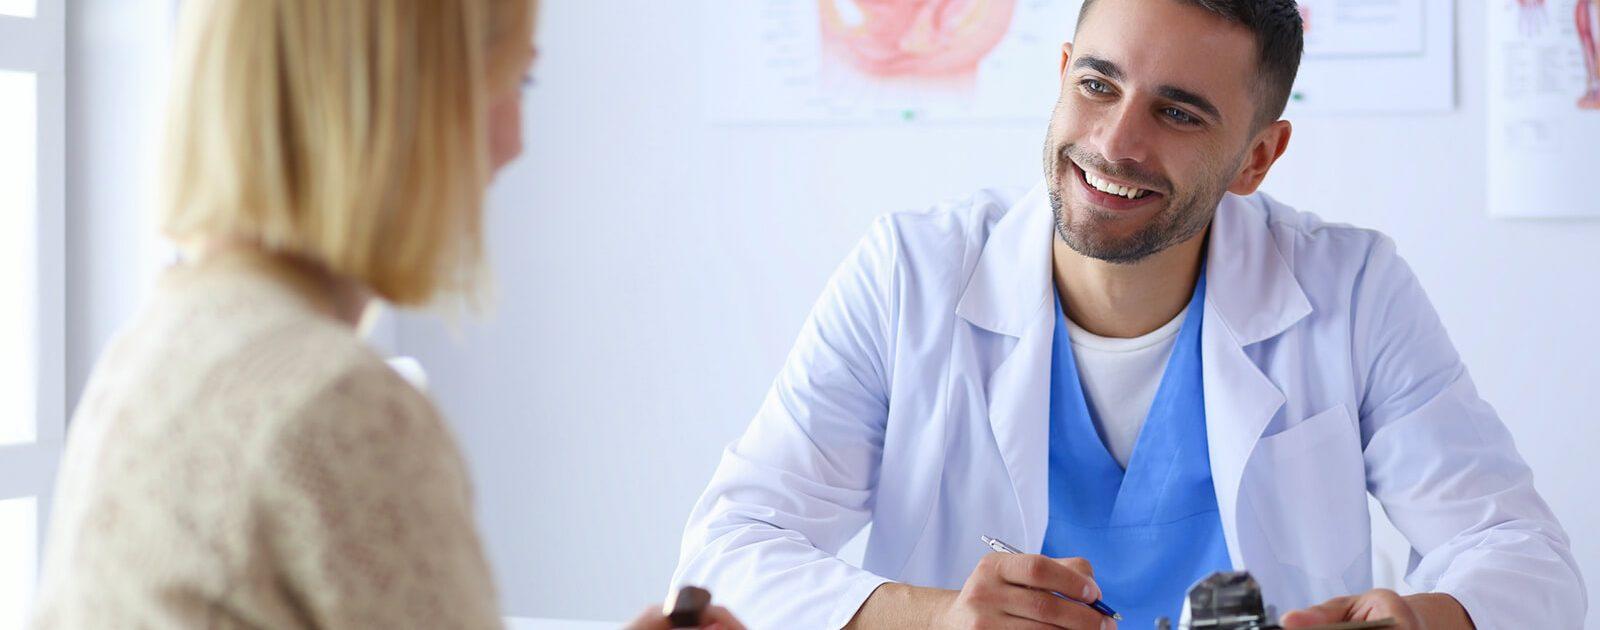 Arzt erklärt Patienten die verschiedenen Behandlungsmethoden bei Hämorrhoiden